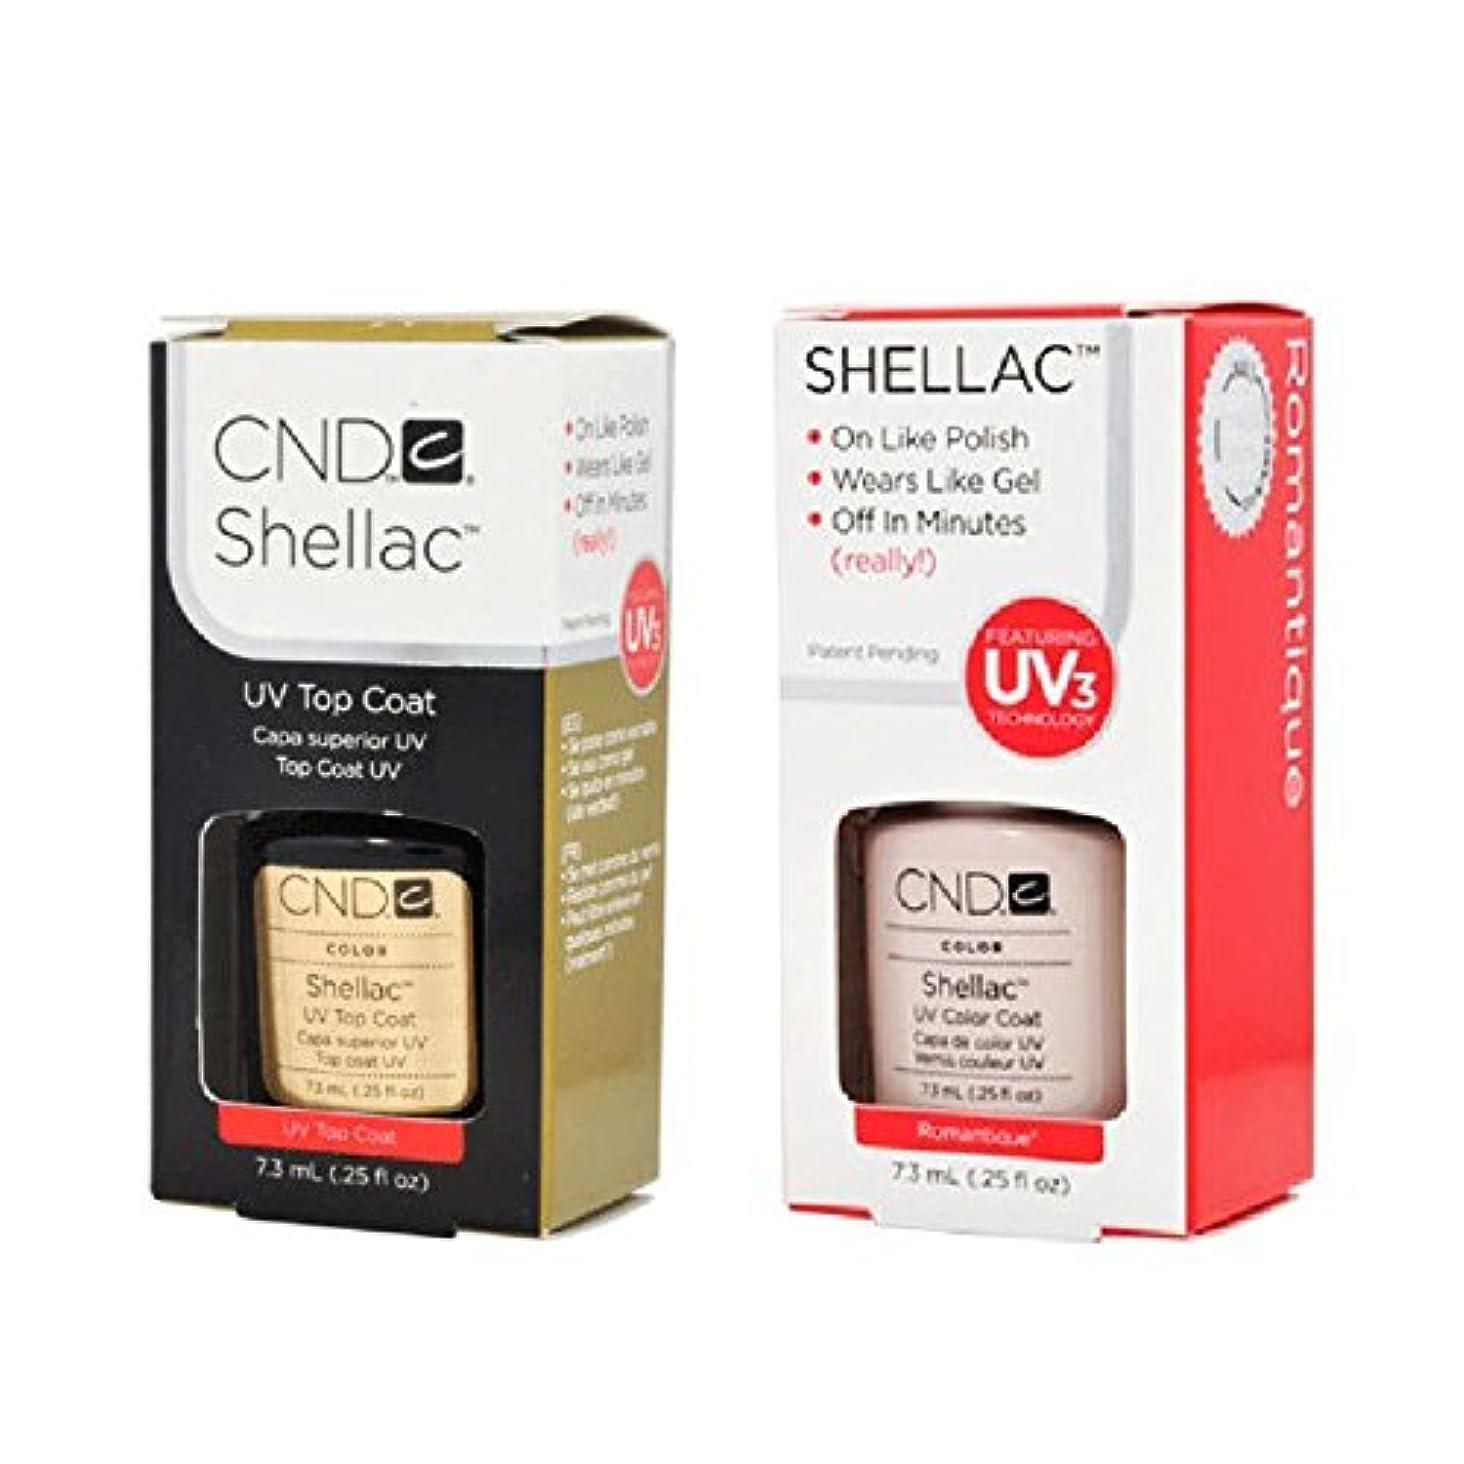 ウォルターカニンガム下る熟達CND Shellac UVトップコート 7.3m l  &  UV カラーコー< Romantique>7.3ml [海外直送品]